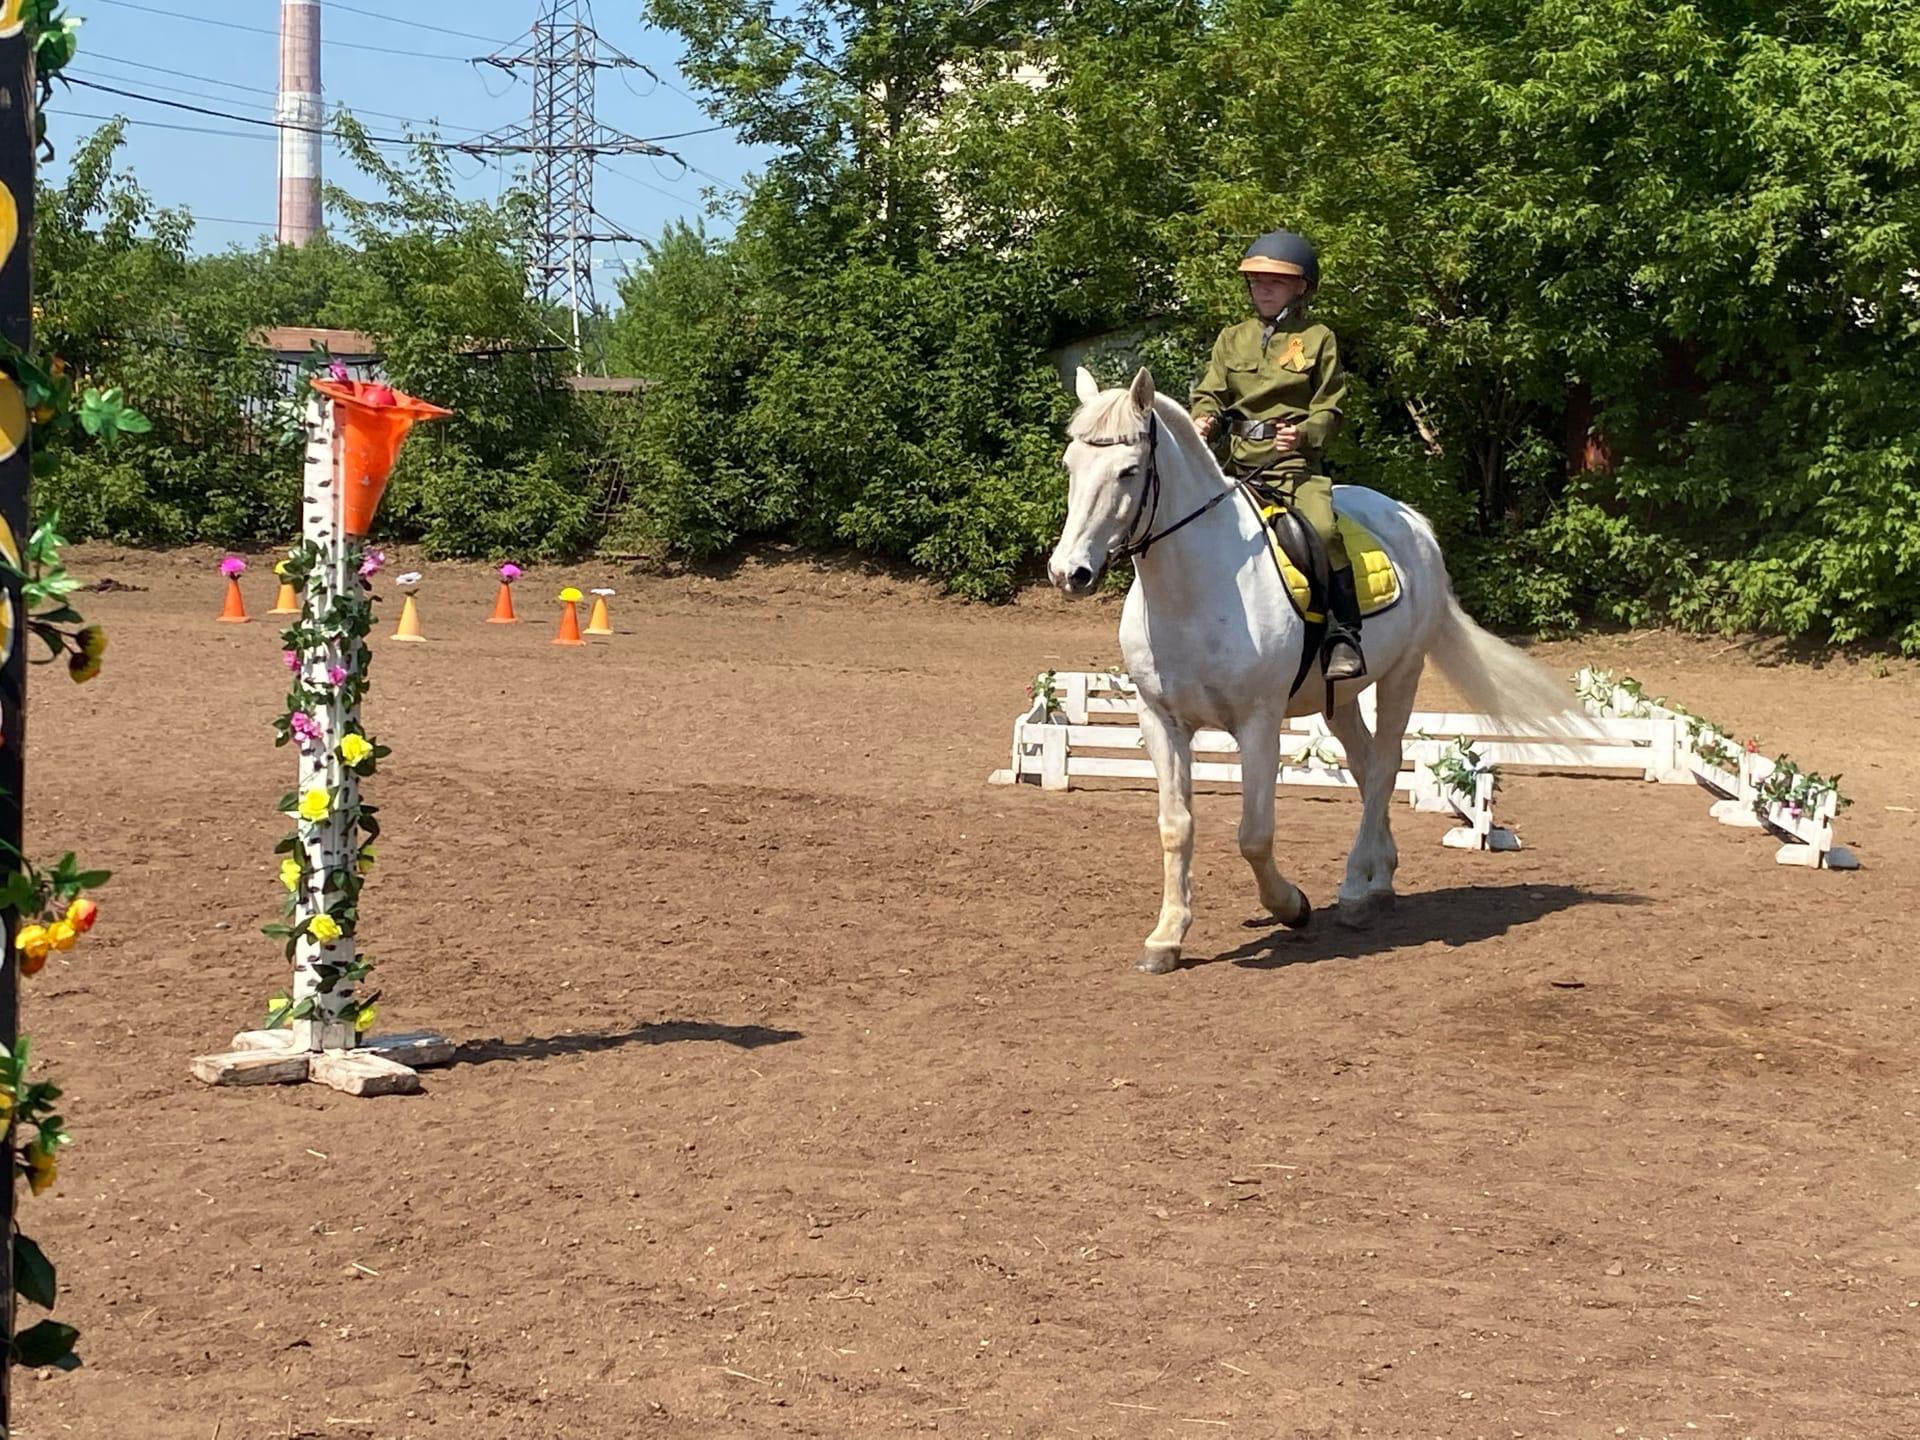 Завершился Республиканский конный фестиваль для детей с ограниченными возможностями здоровья